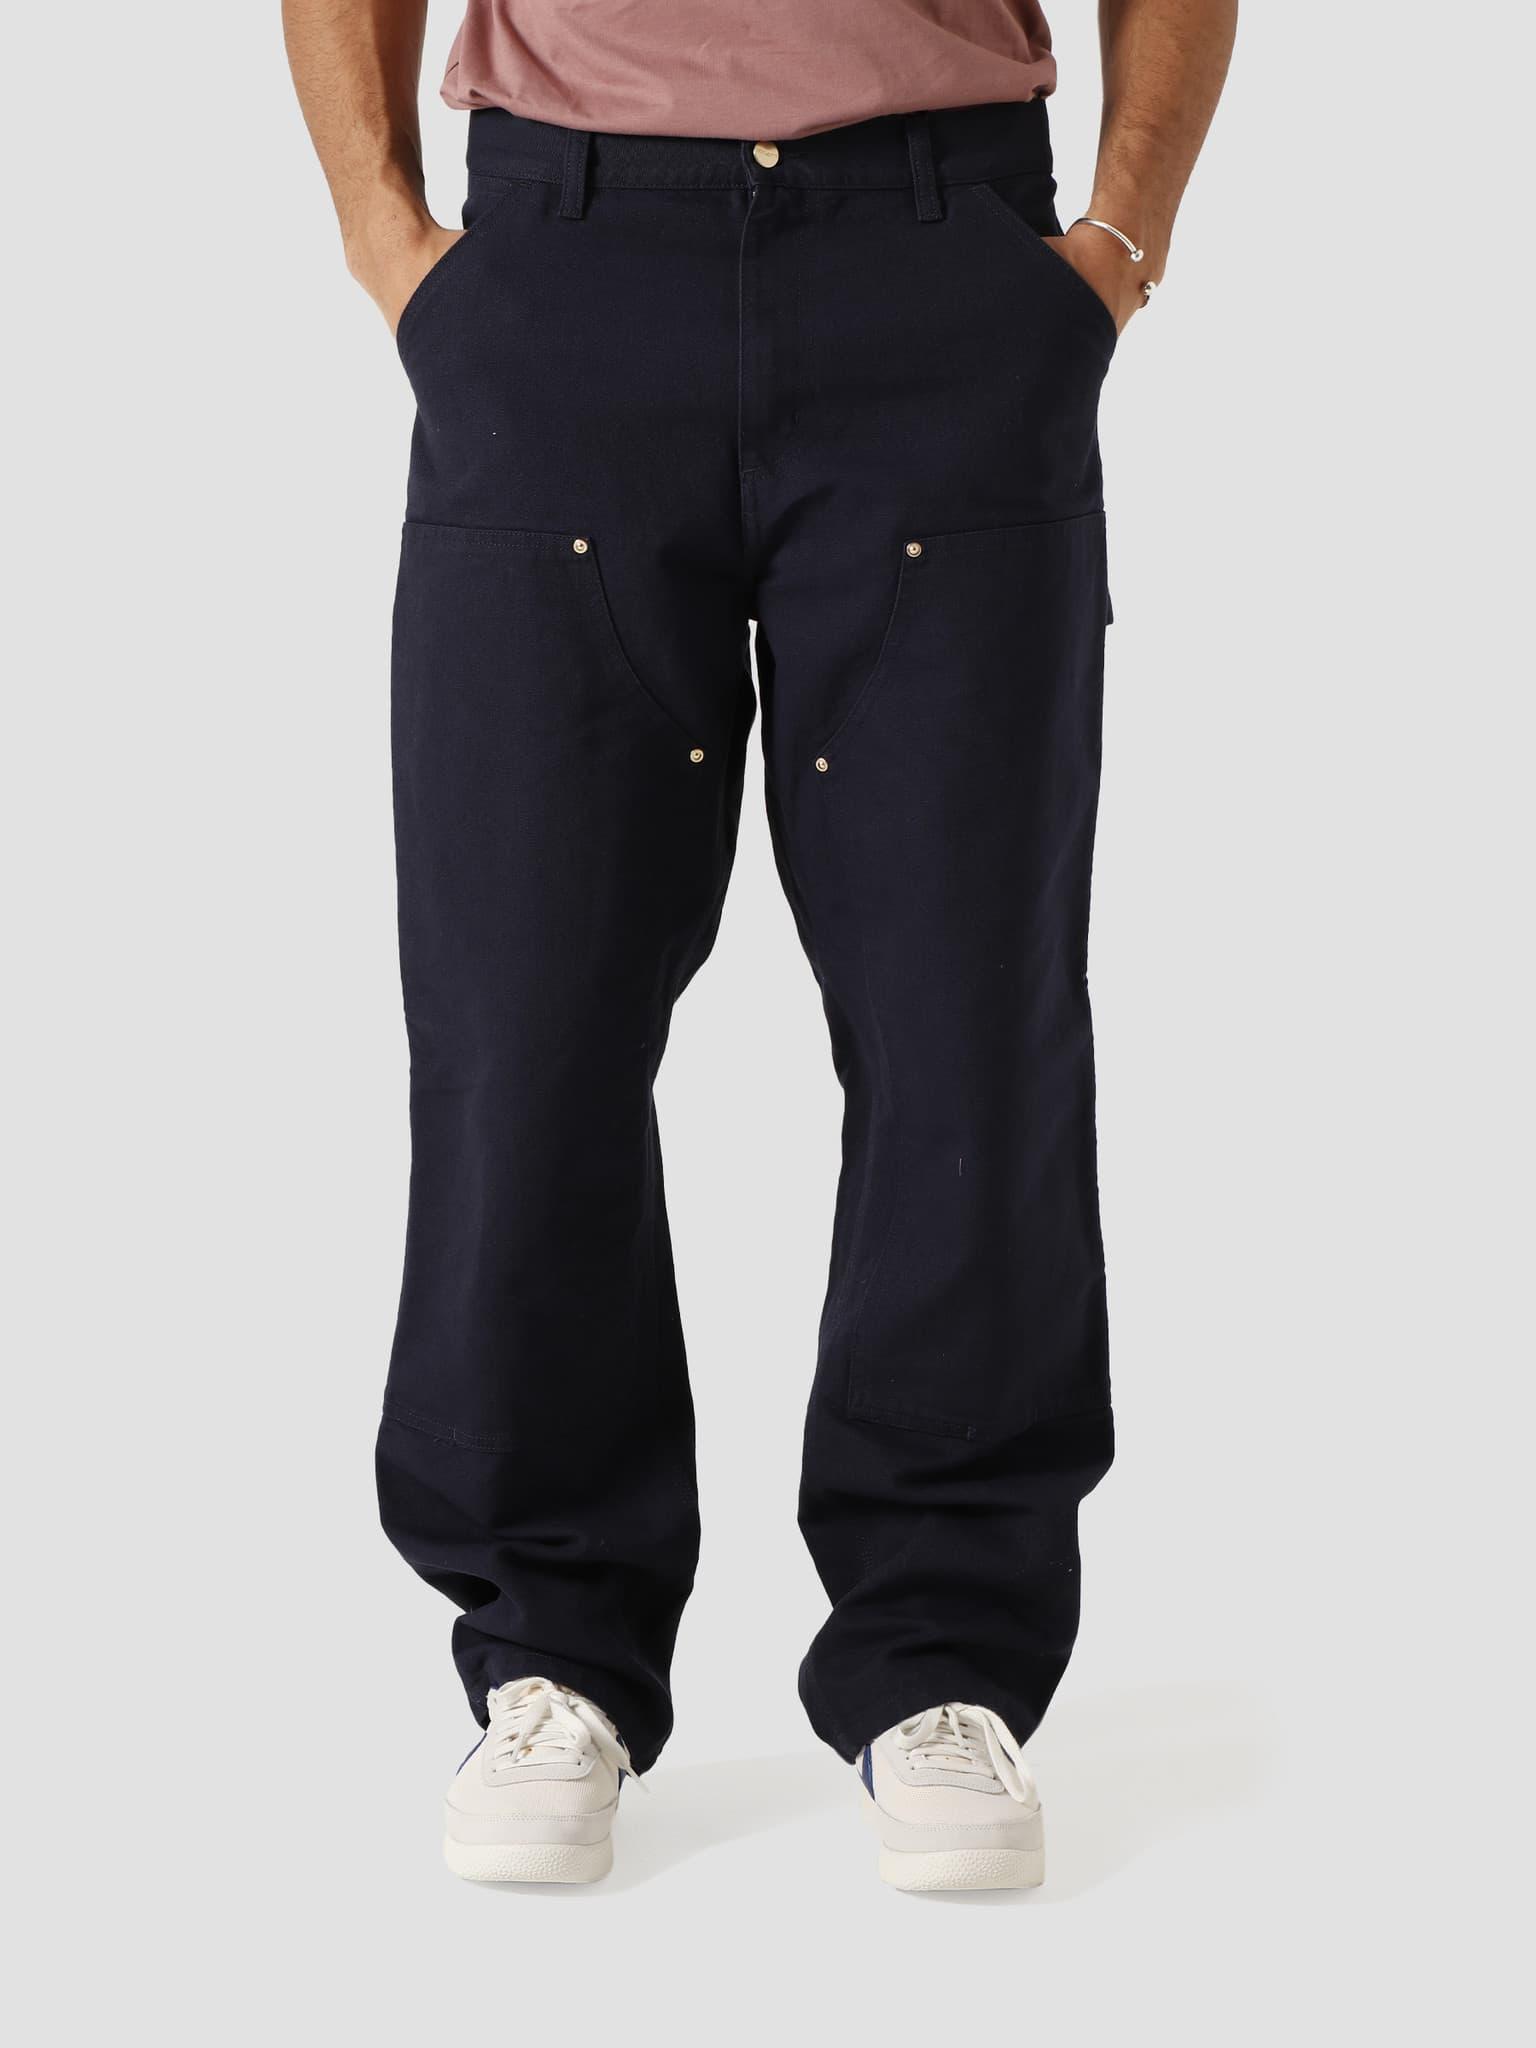 Double Knee Pant Dark Navy I029196-1C02